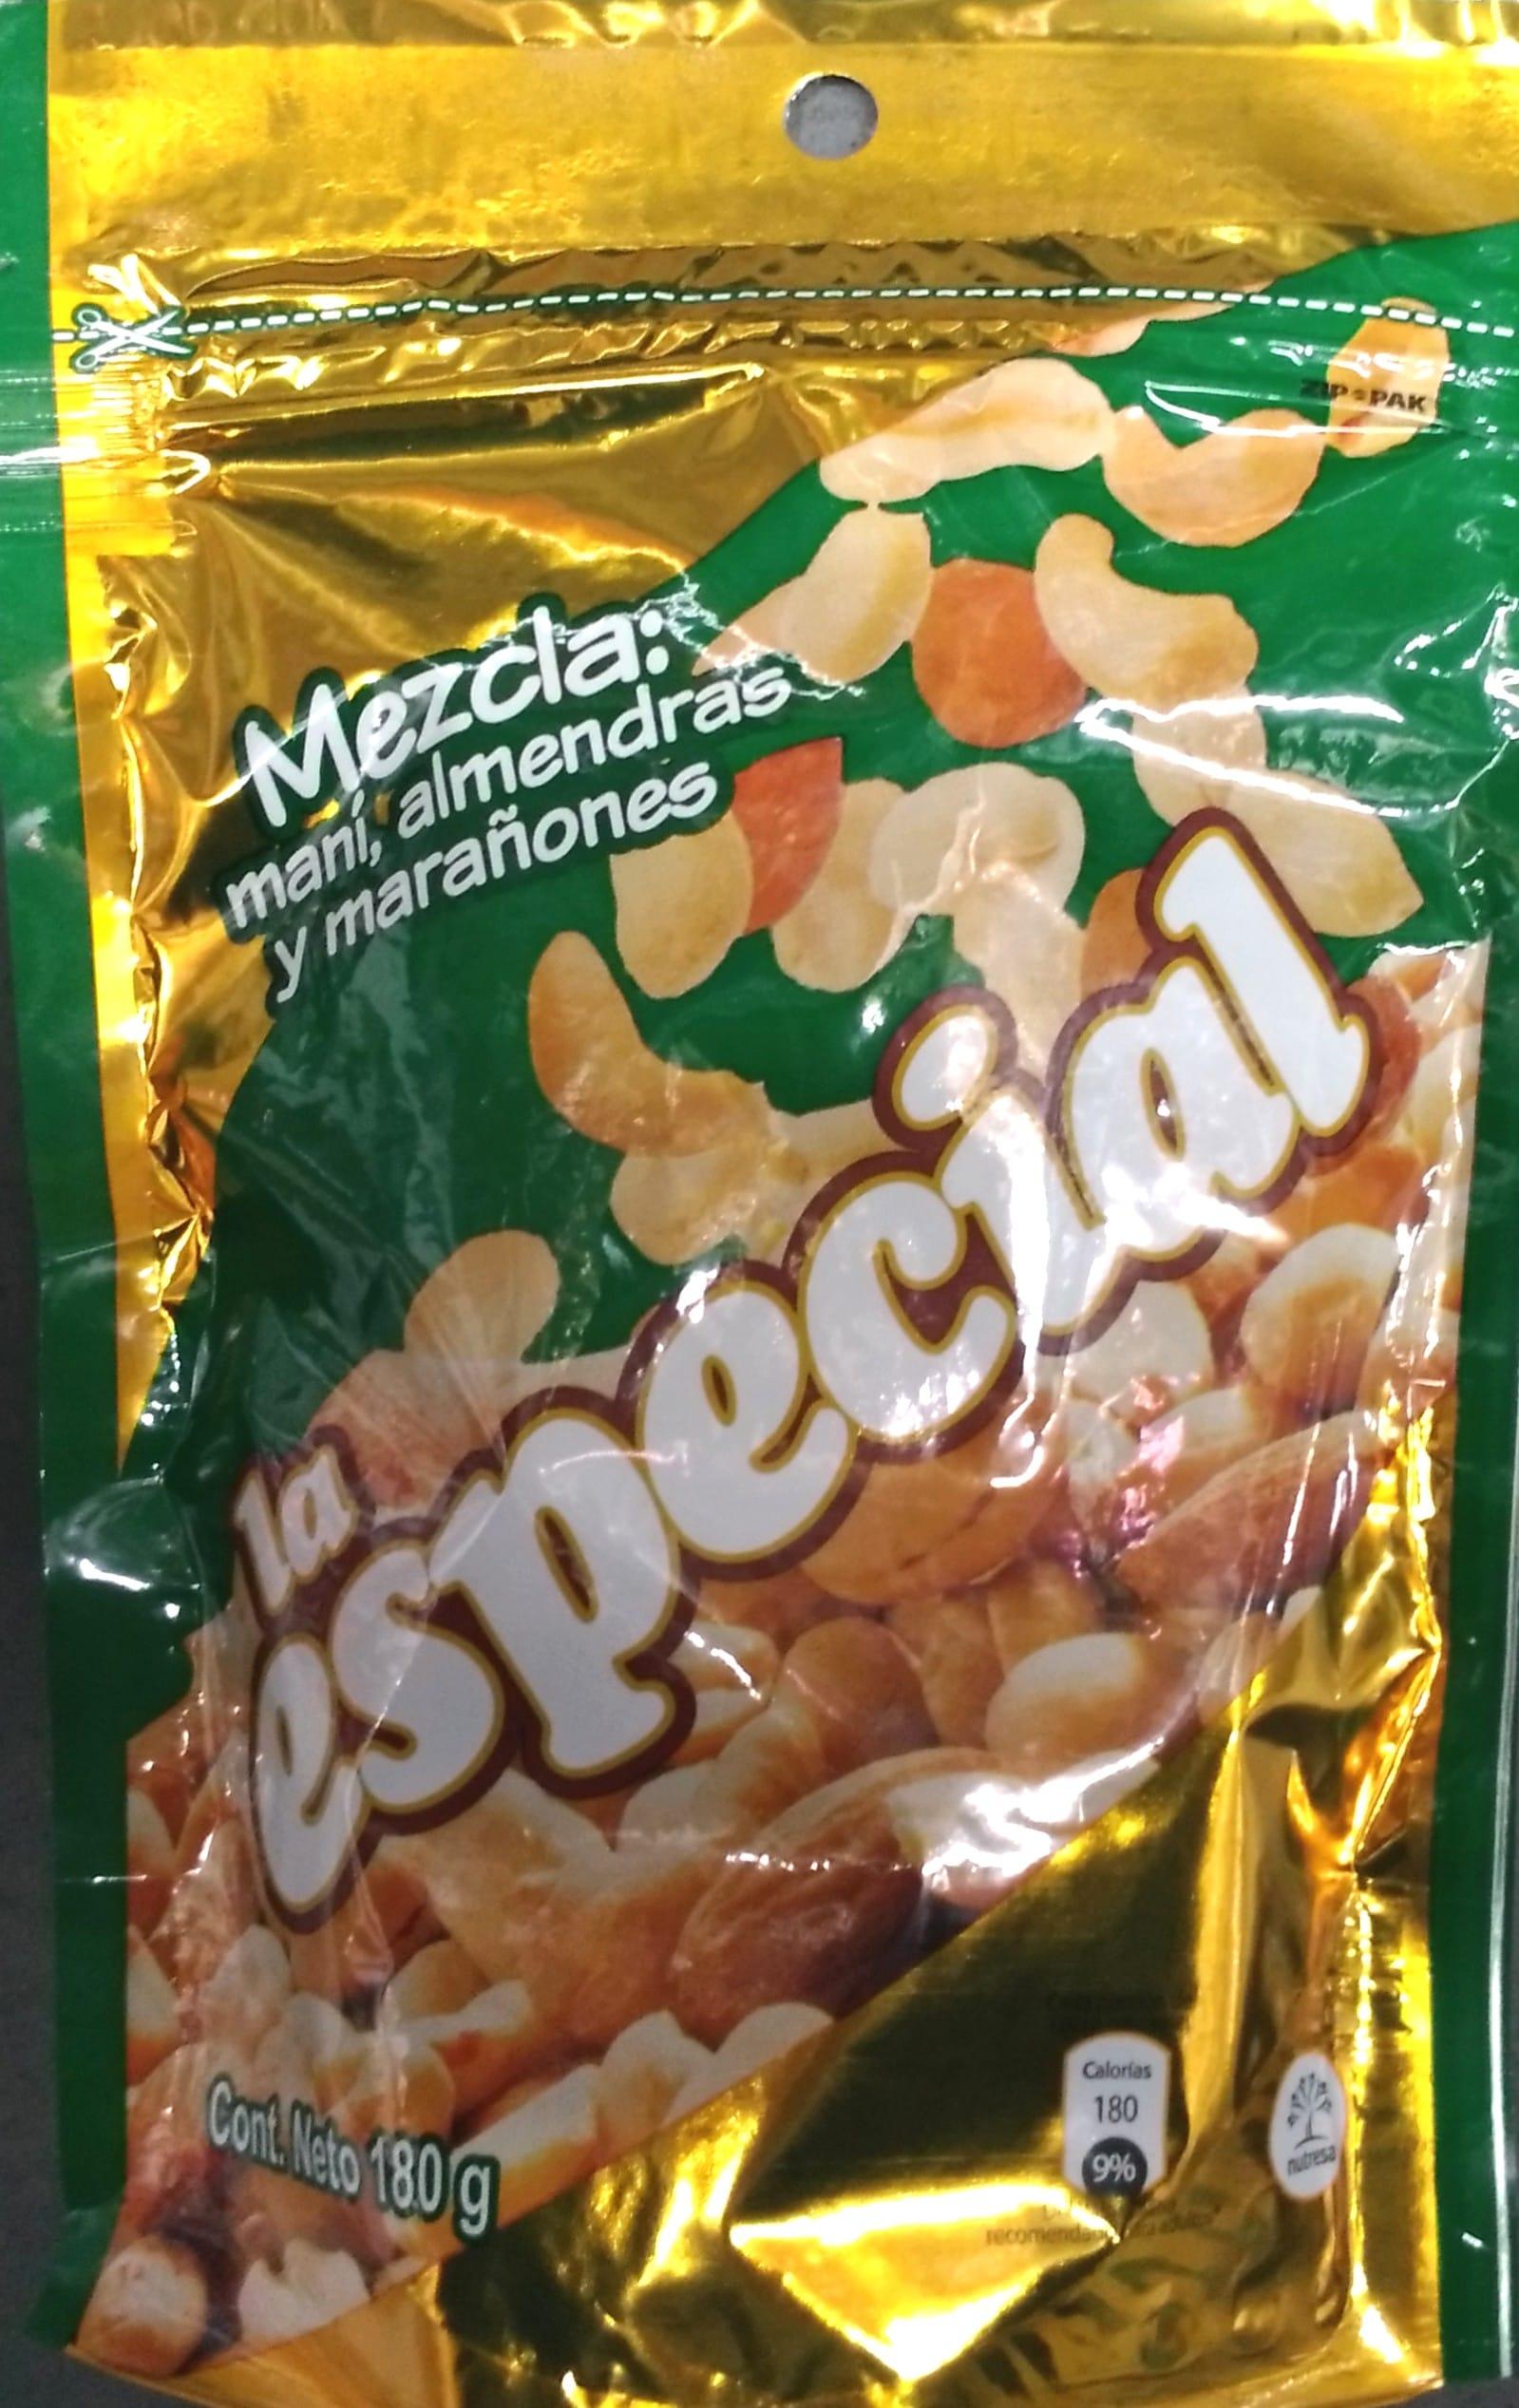 Mani la Especial Mezcla Mani Almendras y Marañones 180g